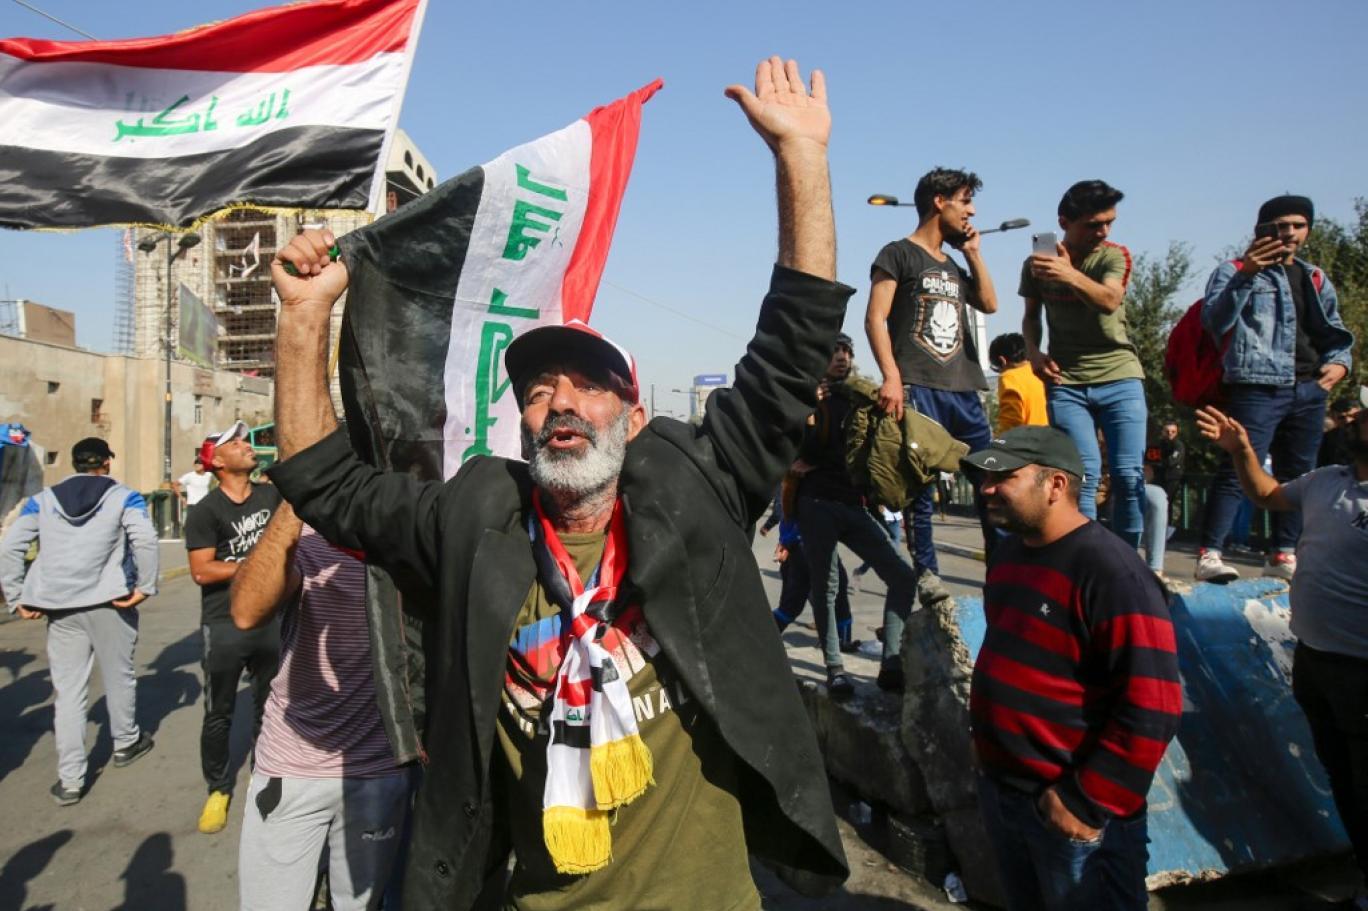 مجلة : العقوبات جعلت ايران غير قادرة على حماية السياسيين الفاسدين والميليشيات بالعراق ولبنان